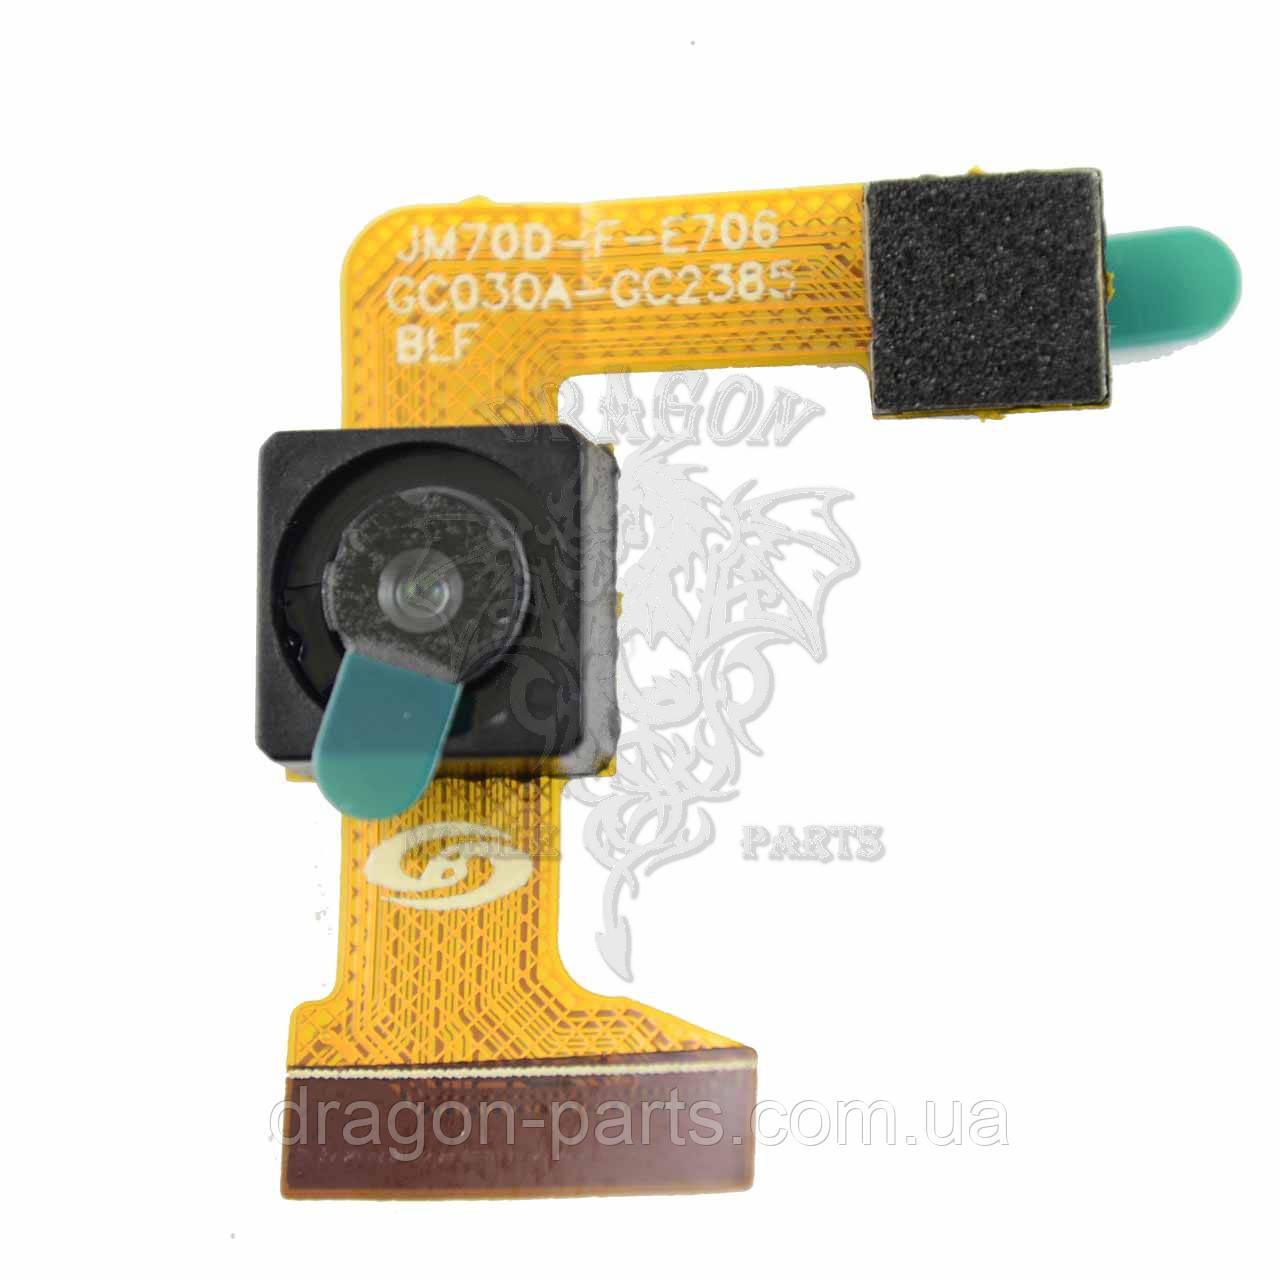 Основная и фронтальная камеры Nomi C070012 Corsa 3 , оригинал